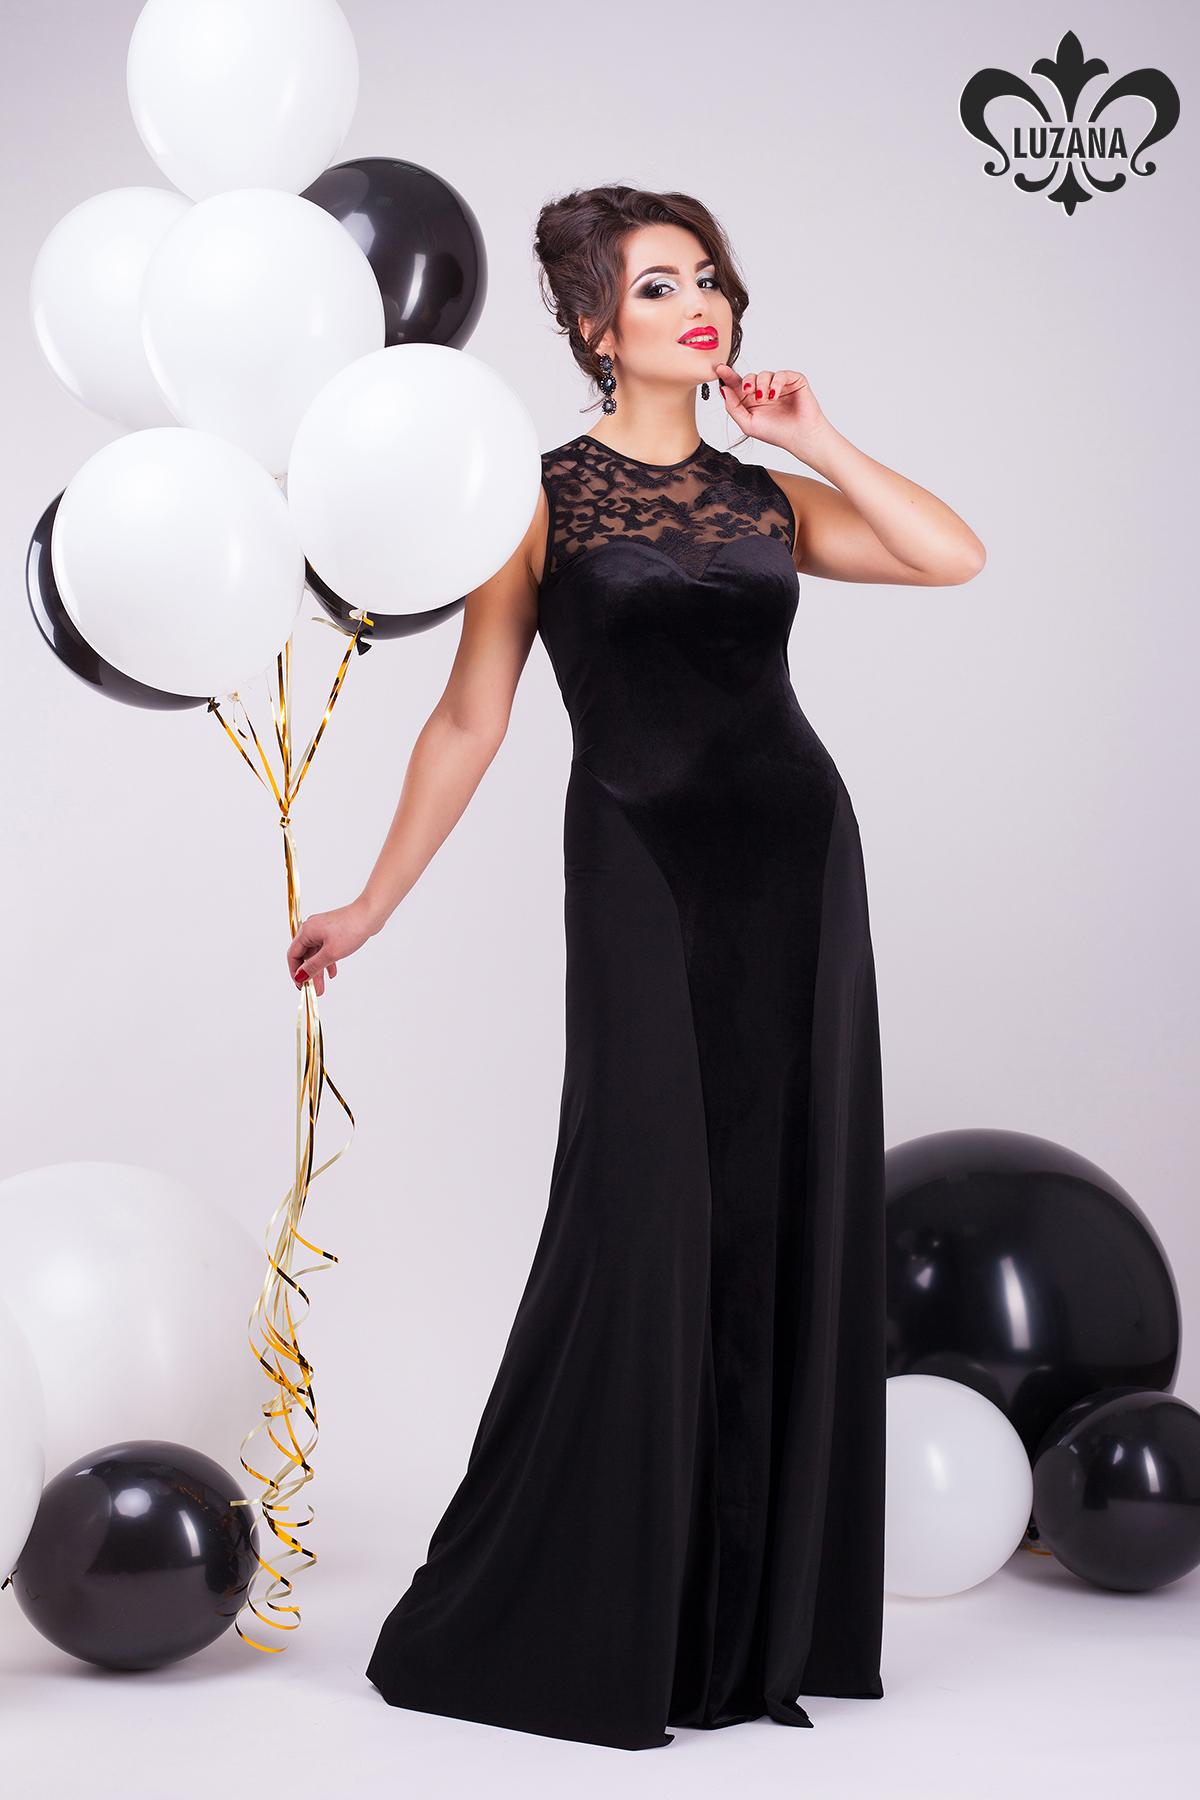 e8823ea4b10 Вечернее платье для настоящей королевы цена